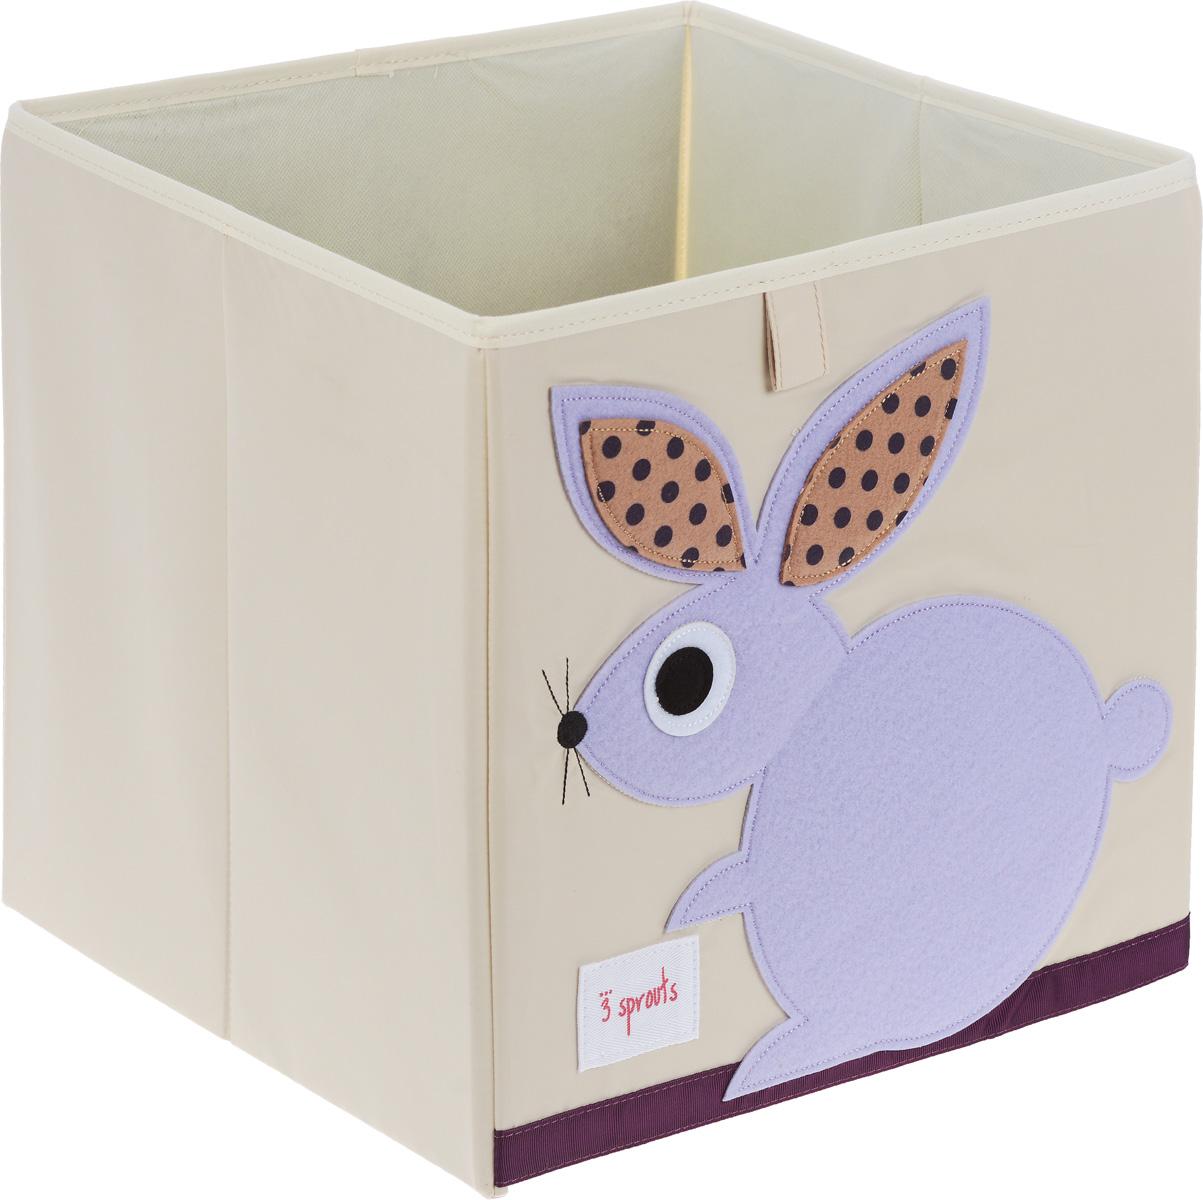 3 Sprouts Коробка для хранения Кролик27251Коробка для хранения 3 Sprouts Кролик - это отличный вариант организации пространства любой комнаты. Стороны коробки усилены с помощью картона, поэтому она всегда стоит ровно. Помещается практически во все стеллажи с квадратными отсеками и добавляет озорства любой комнате. Стоит ли коробка отдельно или на полке стеллажа, она обеспечит прекрасную организацию в вашем доме. Уход: снаружи - только выведение пятен.